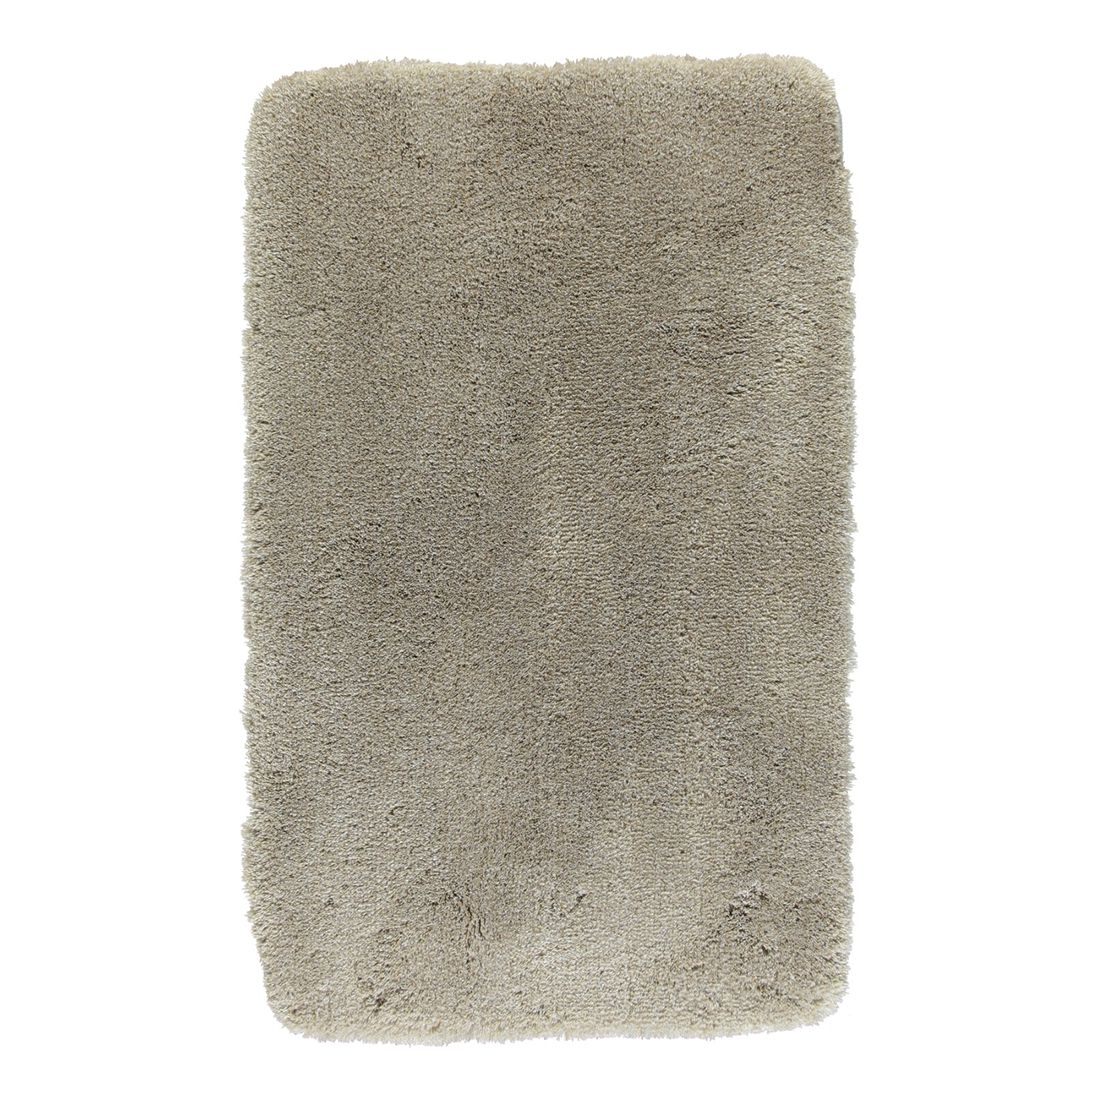 Badteppich Relax – 100% Polyacryl Taupe – 271 – Abmessungen: 50 x 80 cm, Kleine Wolke kaufen